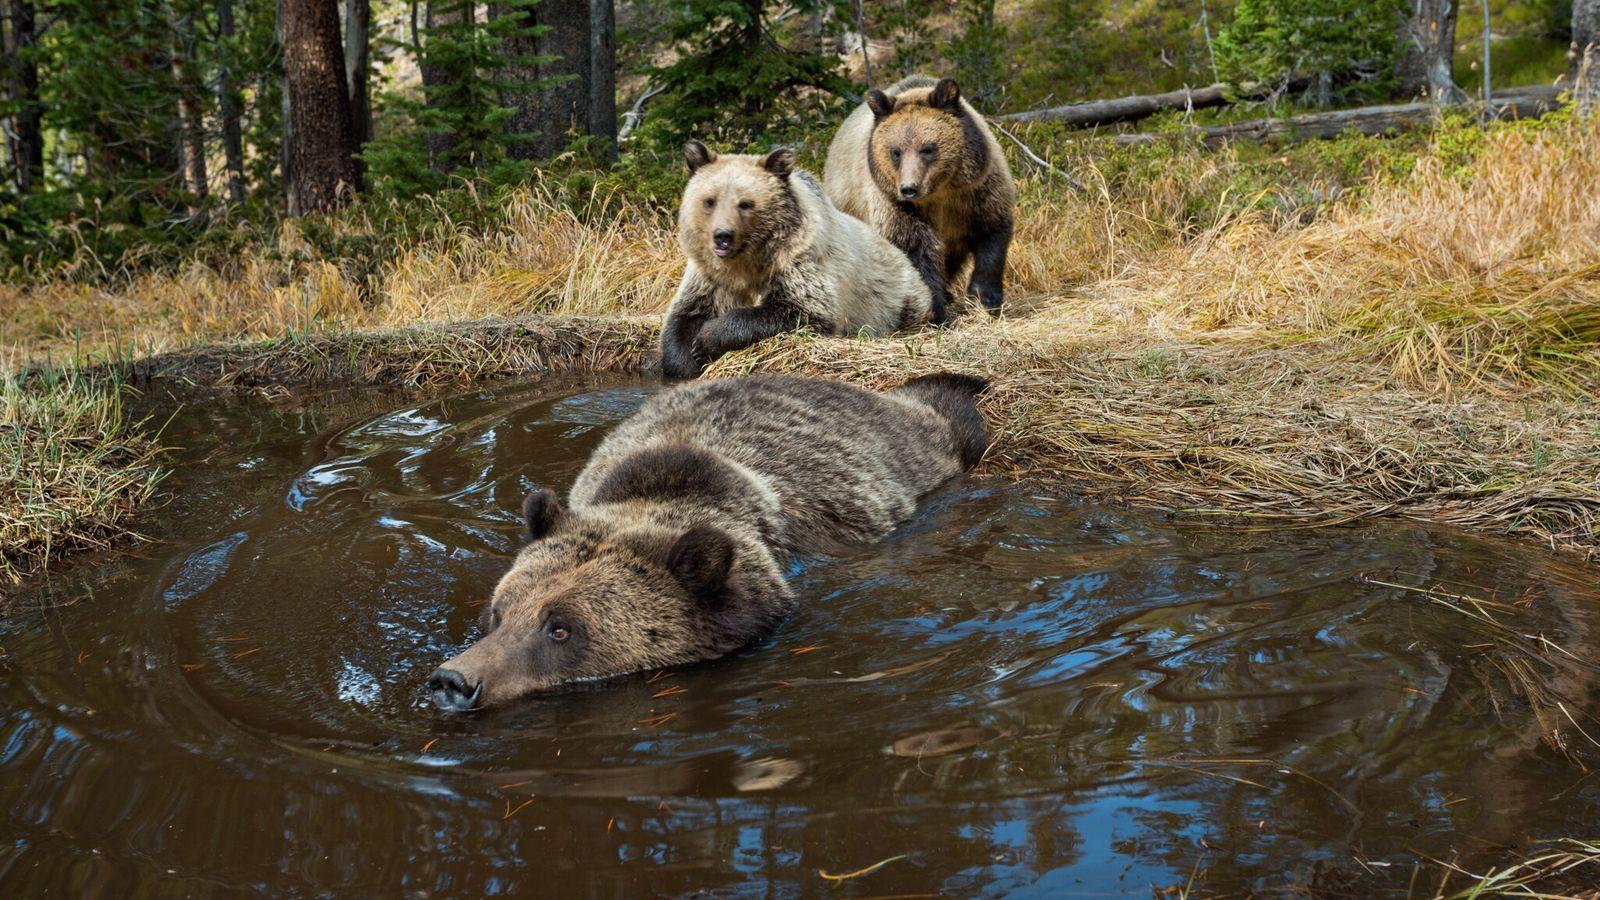 Imagen de unos osos grizzly bañándose